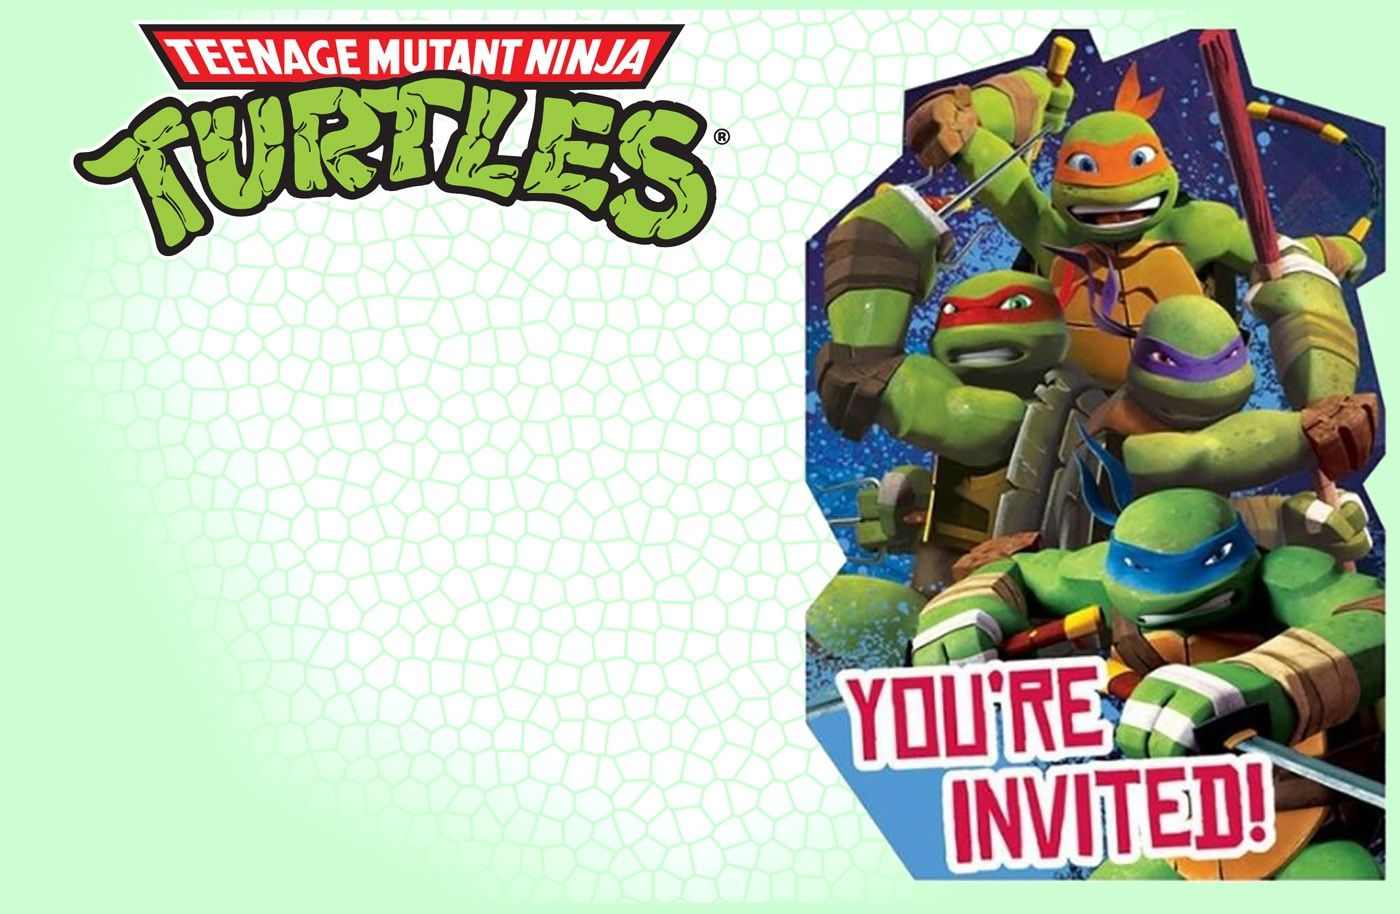 Ninja Turtles Invitation Template